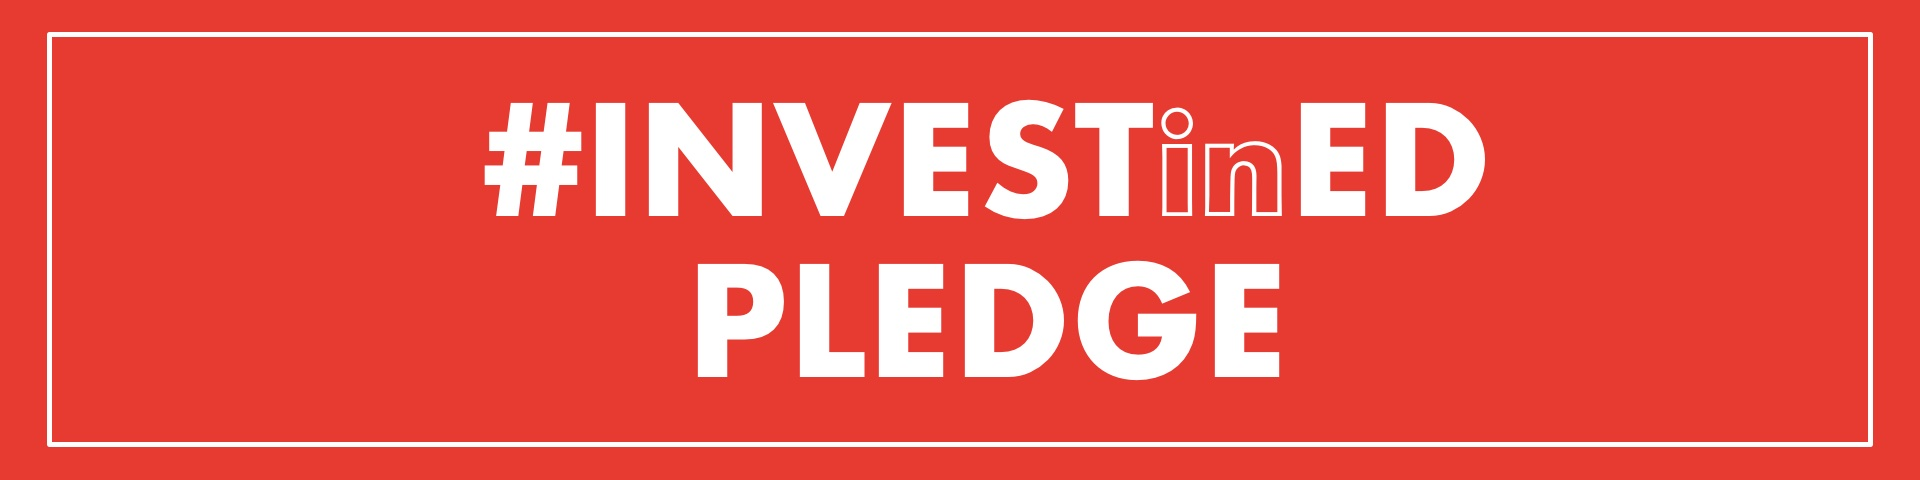 Invest_in_ed_pledge